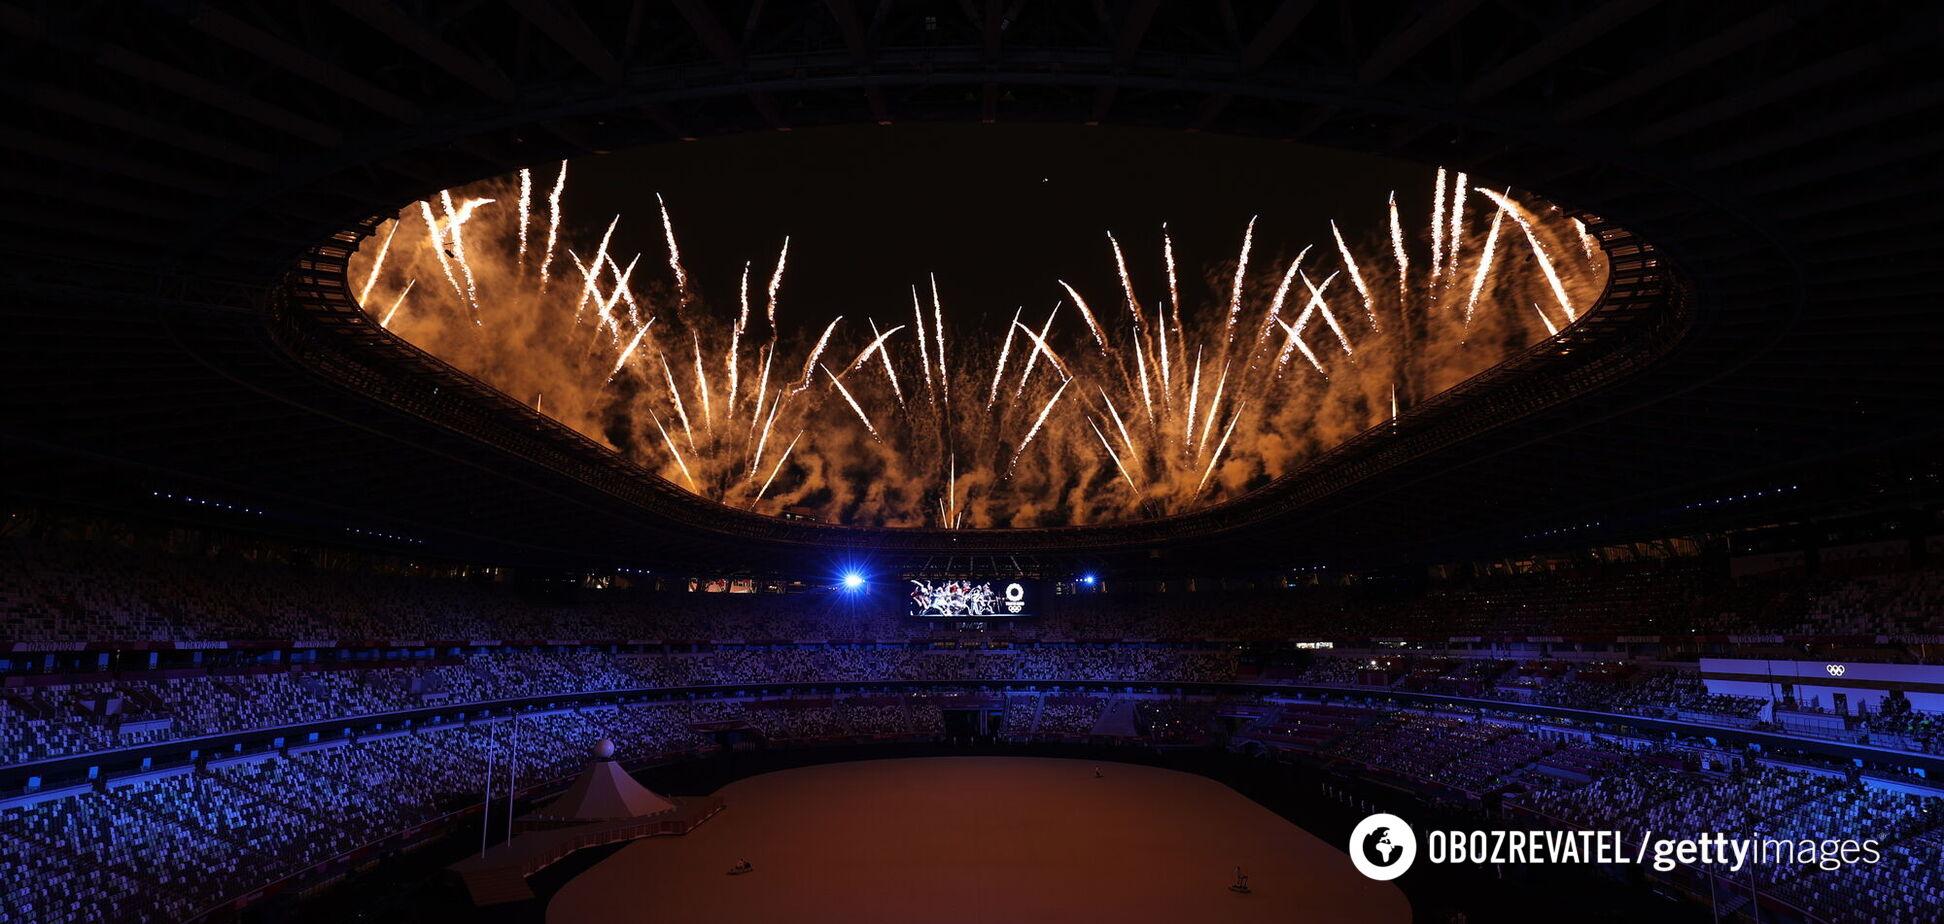 У Токіо офіційно стартувала Олімпіада-2020. Фото церемонії відкриття